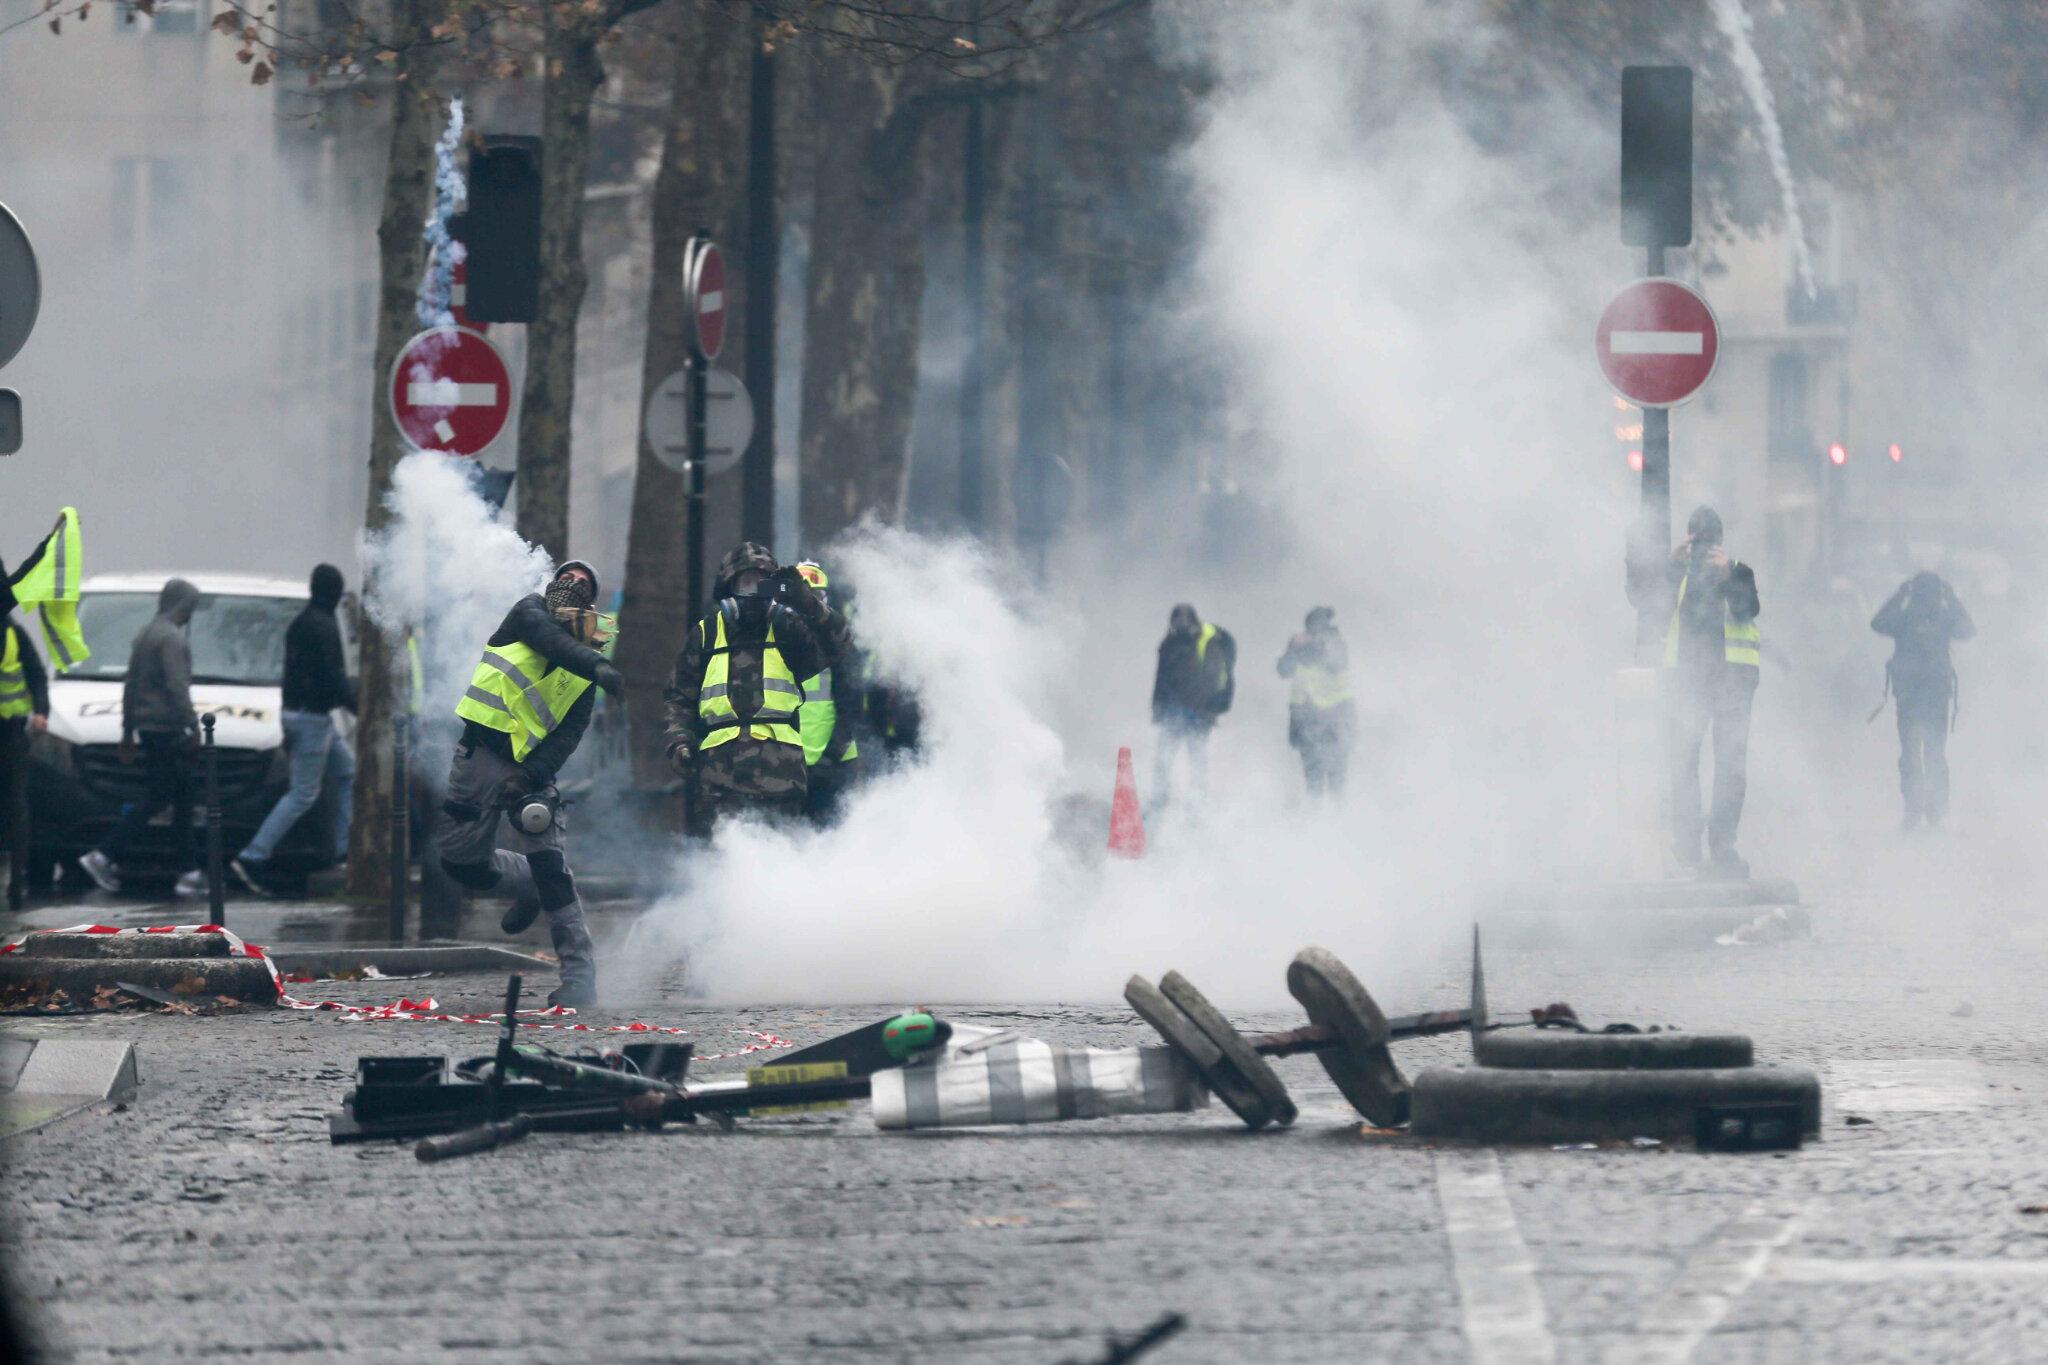 L'Arc de triomphe, terrain d'affrontement entre « gilets jaunes » et policiers. © Michel Stoupak. Sam 01.12.2018, 11h07m49.